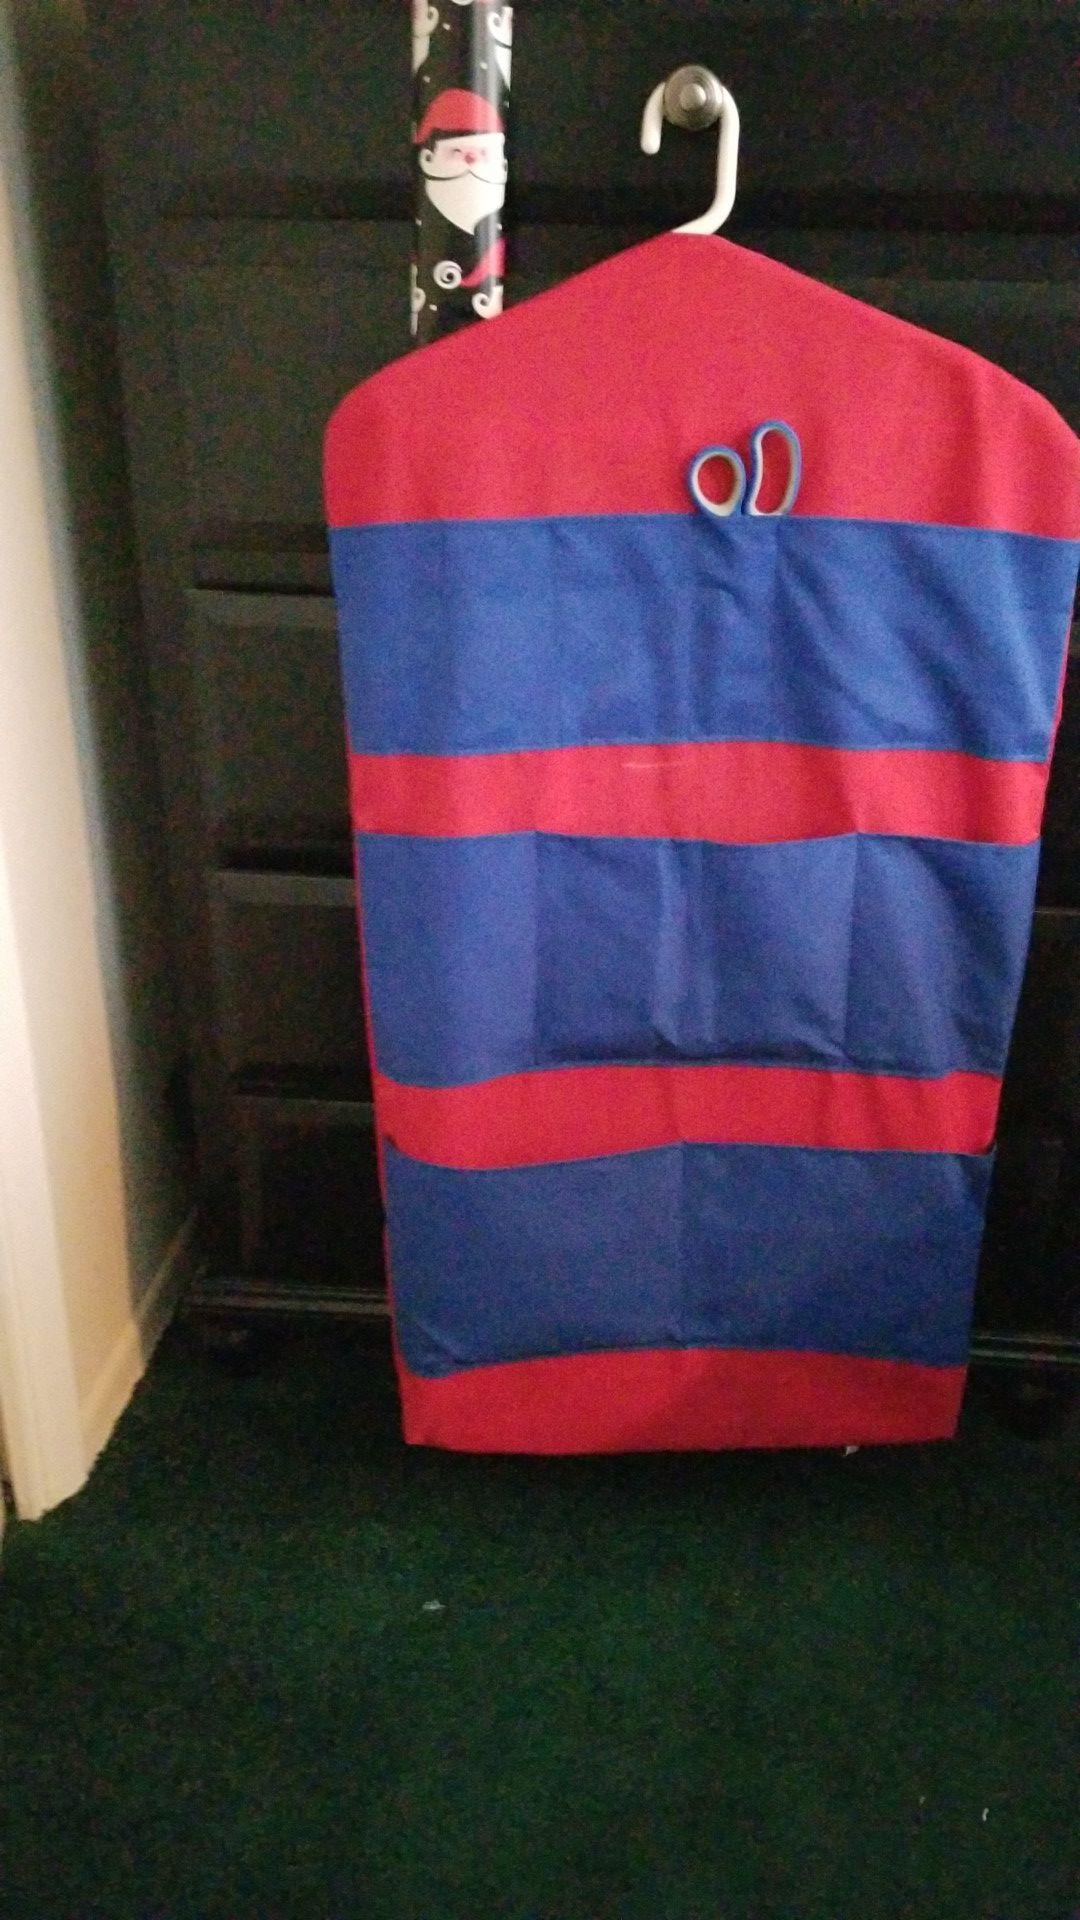 Wrap Pack hanging craft organizer